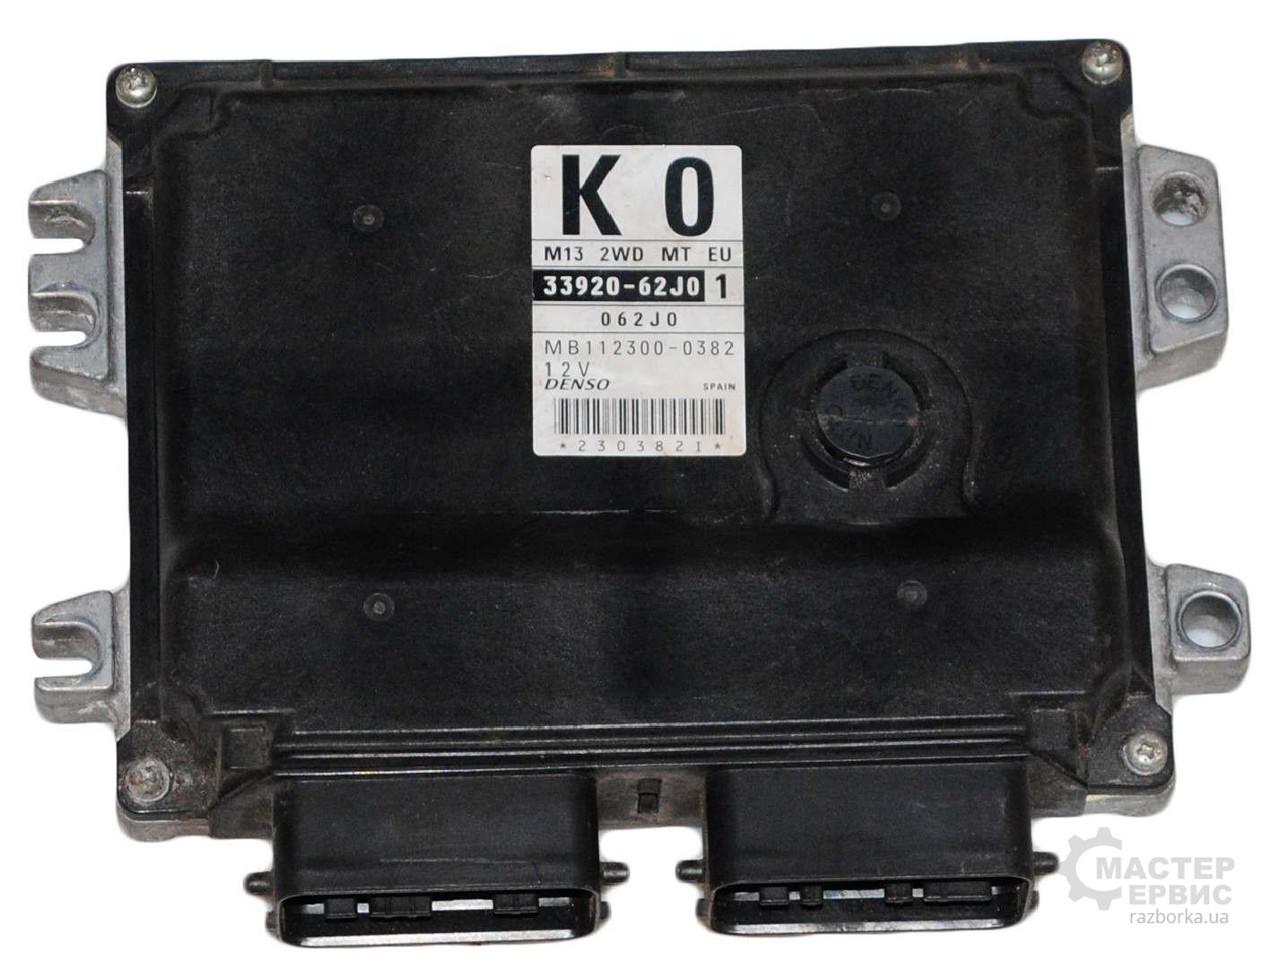 Блок управления двигателем 1.3 для Suzuki Swift 2005-2010 3392062J01, MB1123000382